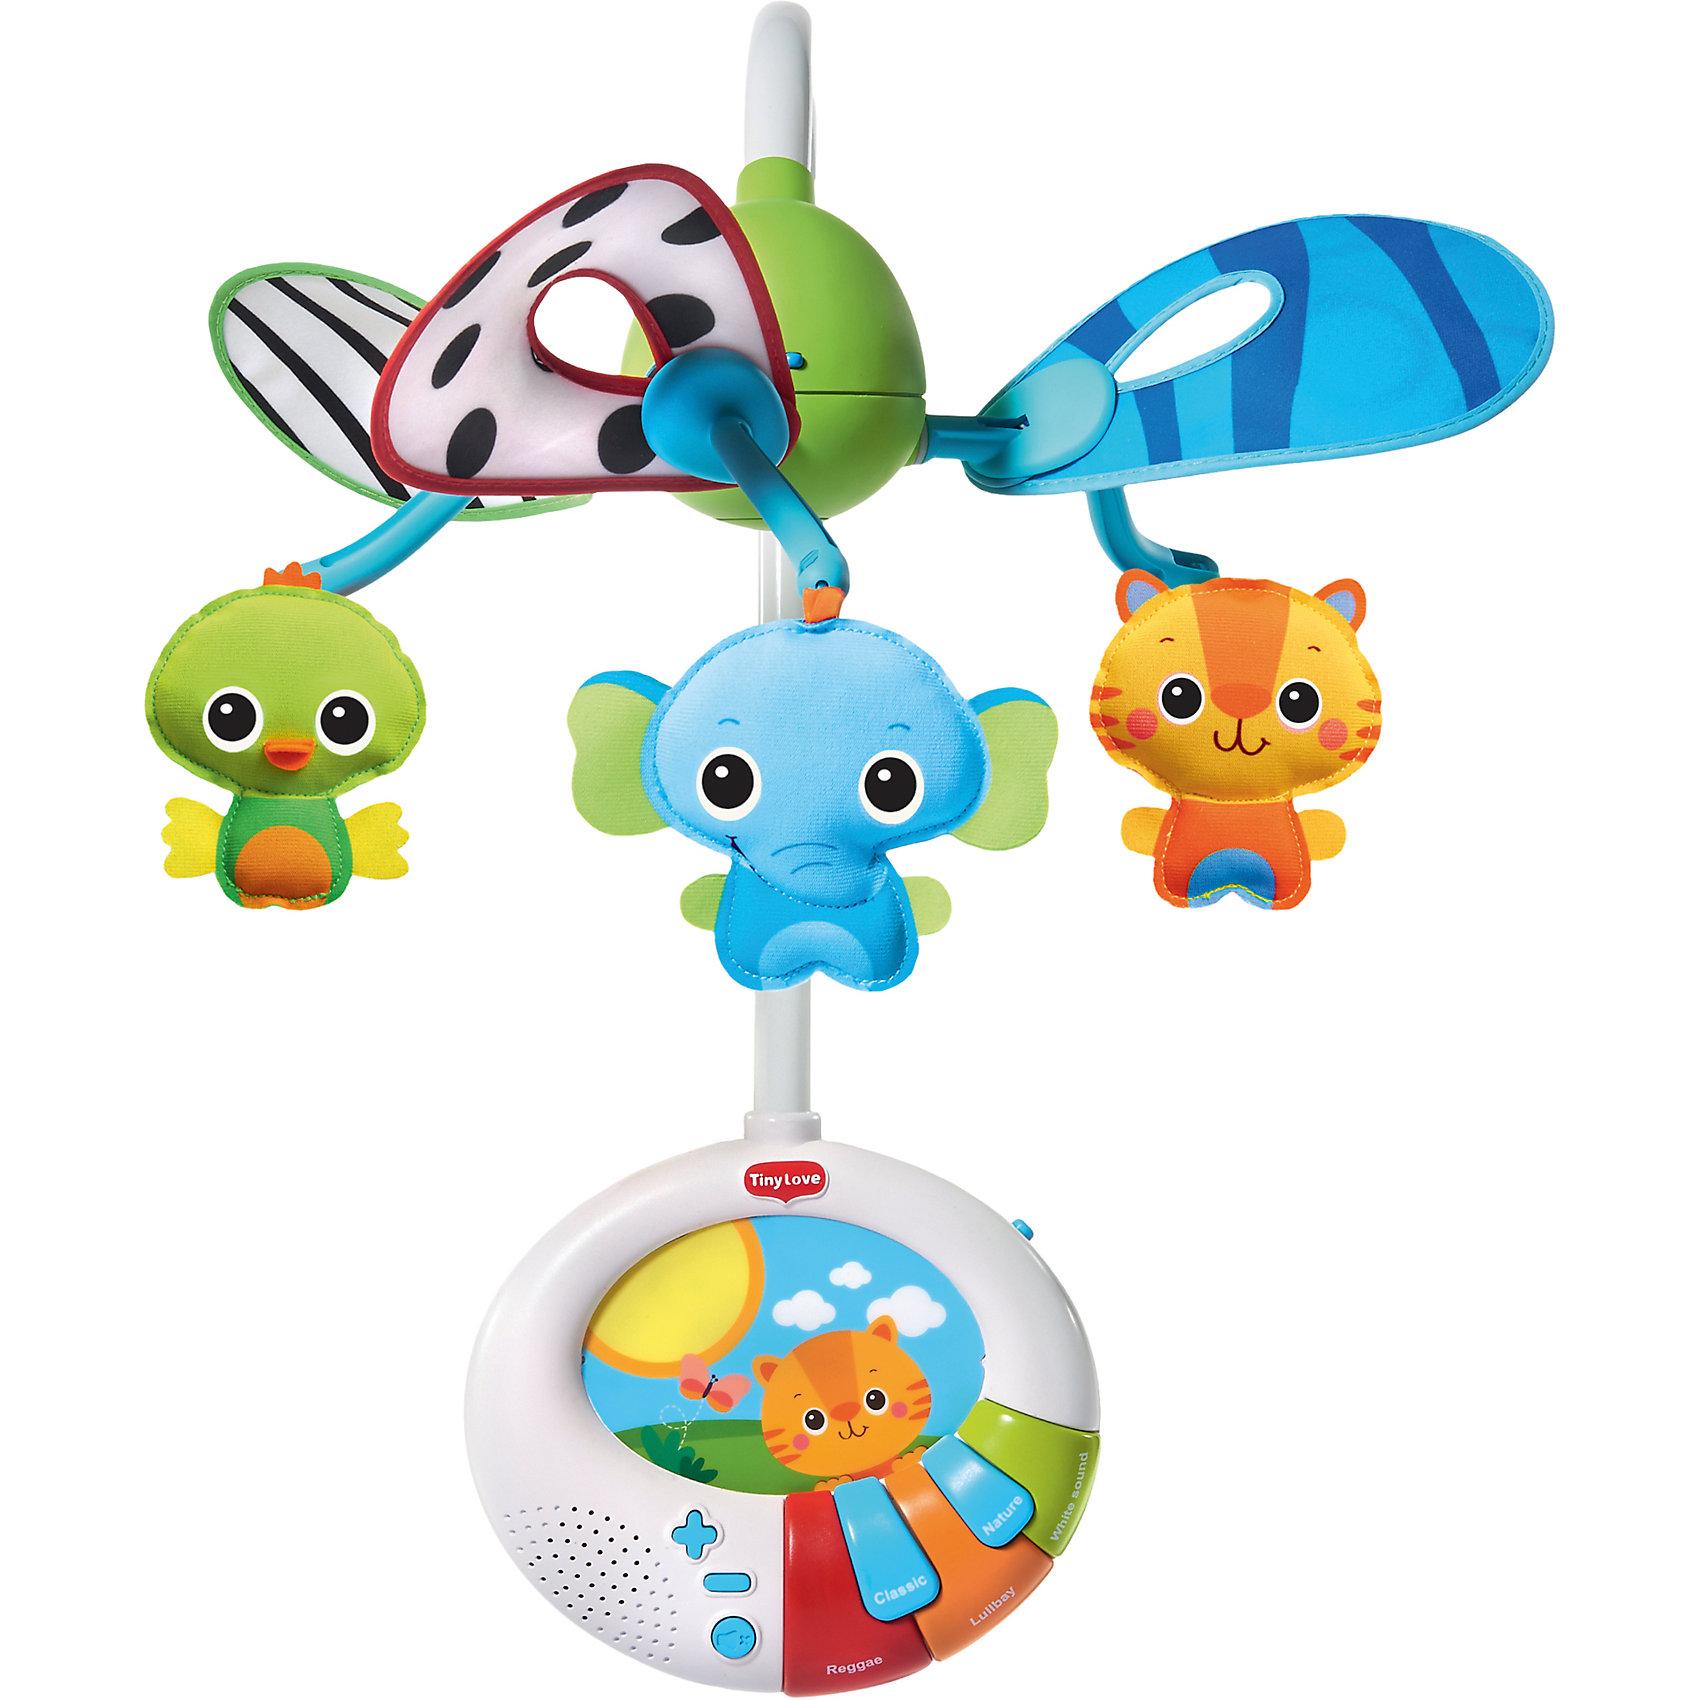 Мобиль Найди меня, я спрятался, Tiny LoveЯркий мобиль обязательно понравится малышам. Он оснащен уникальной системой двойного движения, благодаря ней мягкие зверушки играют в прятки, исчезая и появляясь прямо на глазах у крохи, приковывая его внимания и стимулируя развитие.  Мягкие игрушки очень приятны наощупь, ребенку понравится трогать и рассматривать их.  Музыкальный блок выполнен в виде шкатулки-пианино, она отсоединяется и позже может служить самостоятельной игрушкой для уже подросшего малыша. Мобиль выполнен из высококачественных материалов безопасных для детей, включает в себя также функцию ночника. <br><br>Дополнительная информация:<br><br>- Комплектация: штанга с клипсой для штатного крепления (1 шт), электронный мобиль (1 шт), игрушки (3 шт),  инструкция (1 шт).<br>- Материал:  пластик, металл. <br>- Размер: 41 x 12 х 34 см.<br>- Мягкий ночник с луной и звездами. <br>- Съемная музыкальная шкатулка.<br>- 40 минут музыки из 15 мелодий.<br>- Регулировка громкости.<br>- Элемент питания: 3 батарейки С (в комплект не входят).<br><br>Мобиль Найди меня, я спрятался, Tiny Love, можно купить в нашем магазине.<br><br>Ширина мм: 290<br>Глубина мм: 60<br>Высота мм: 345<br>Вес г: 1730<br>Возраст от месяцев: 36<br>Возраст до месяцев: 84<br>Пол: Унисекс<br>Возраст: Детский<br>SKU: 4345027